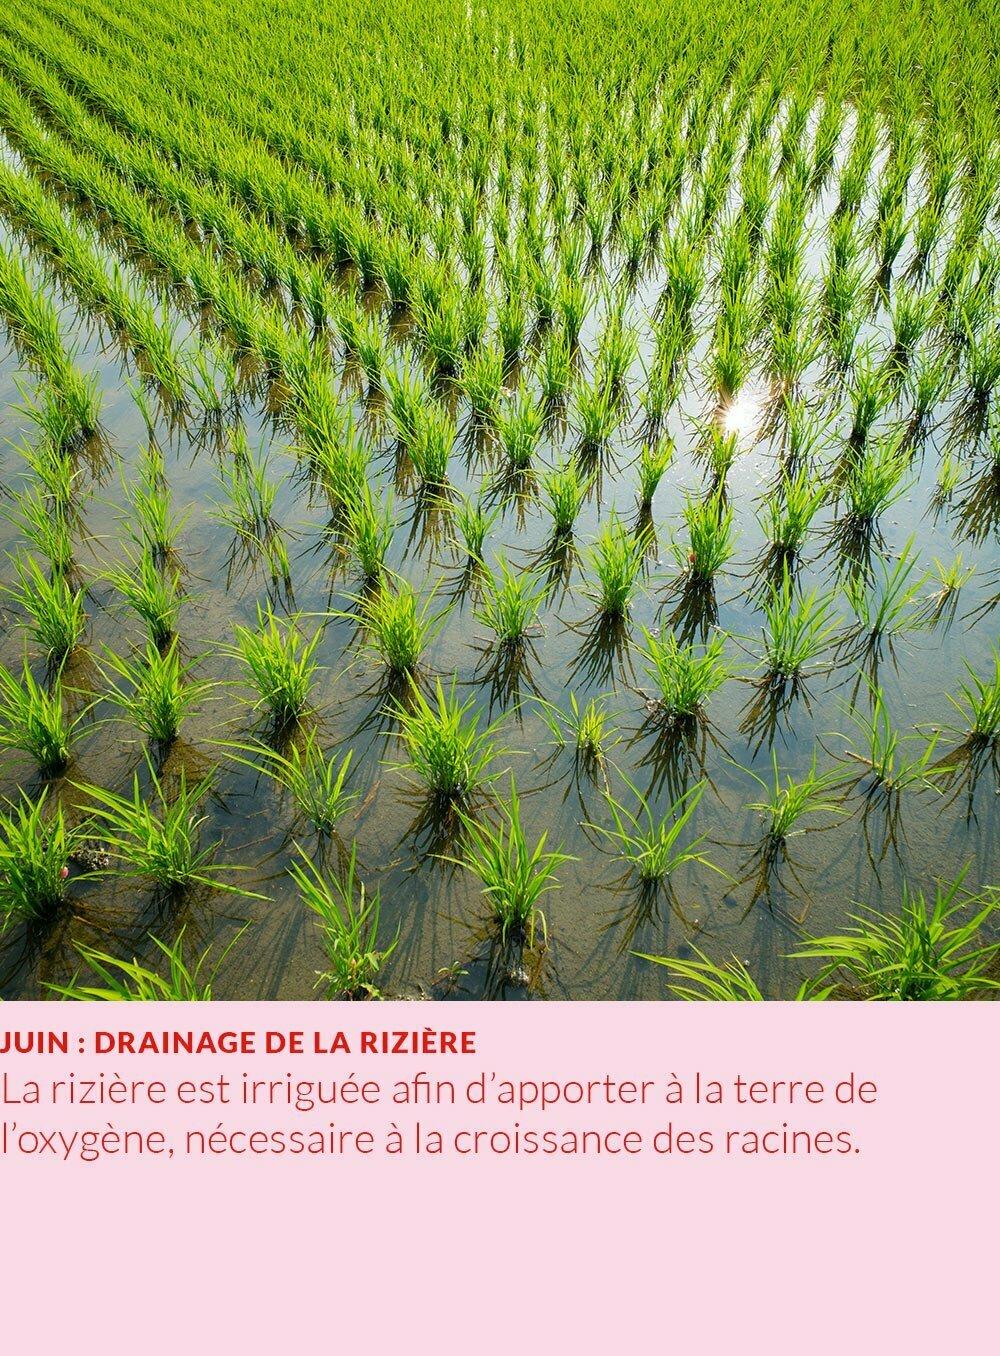 cycle annuel du riz : drainage de la rizière